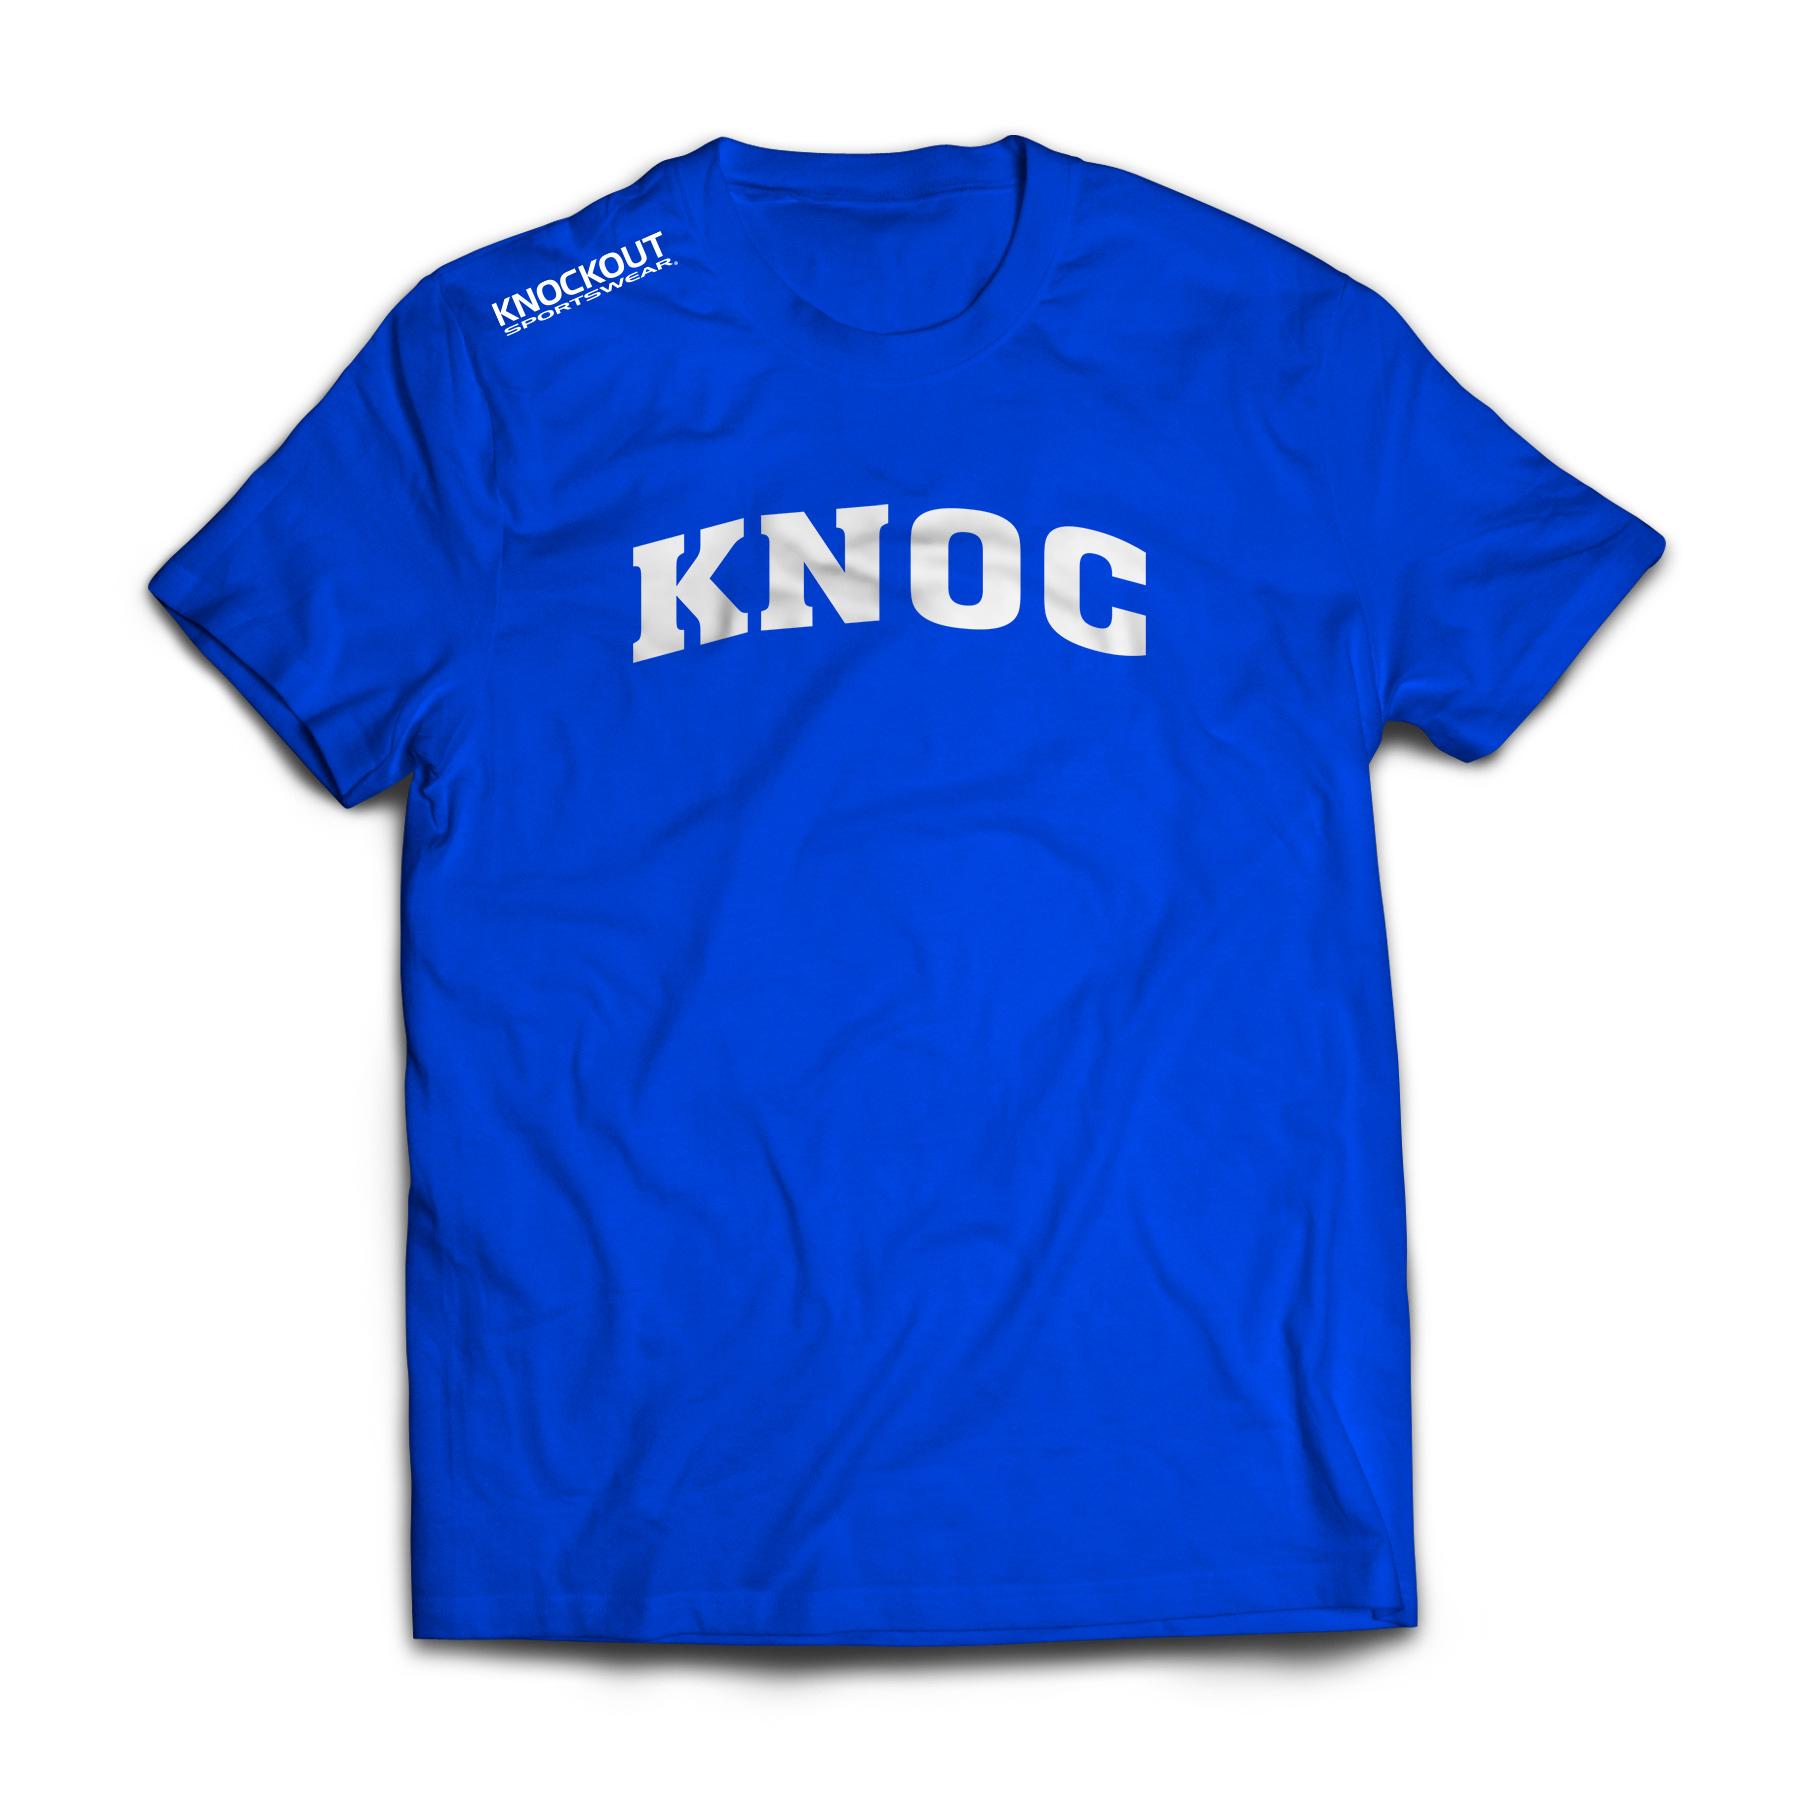 Knockout Sportswear Tee Shop   KNOC KOUT Tee